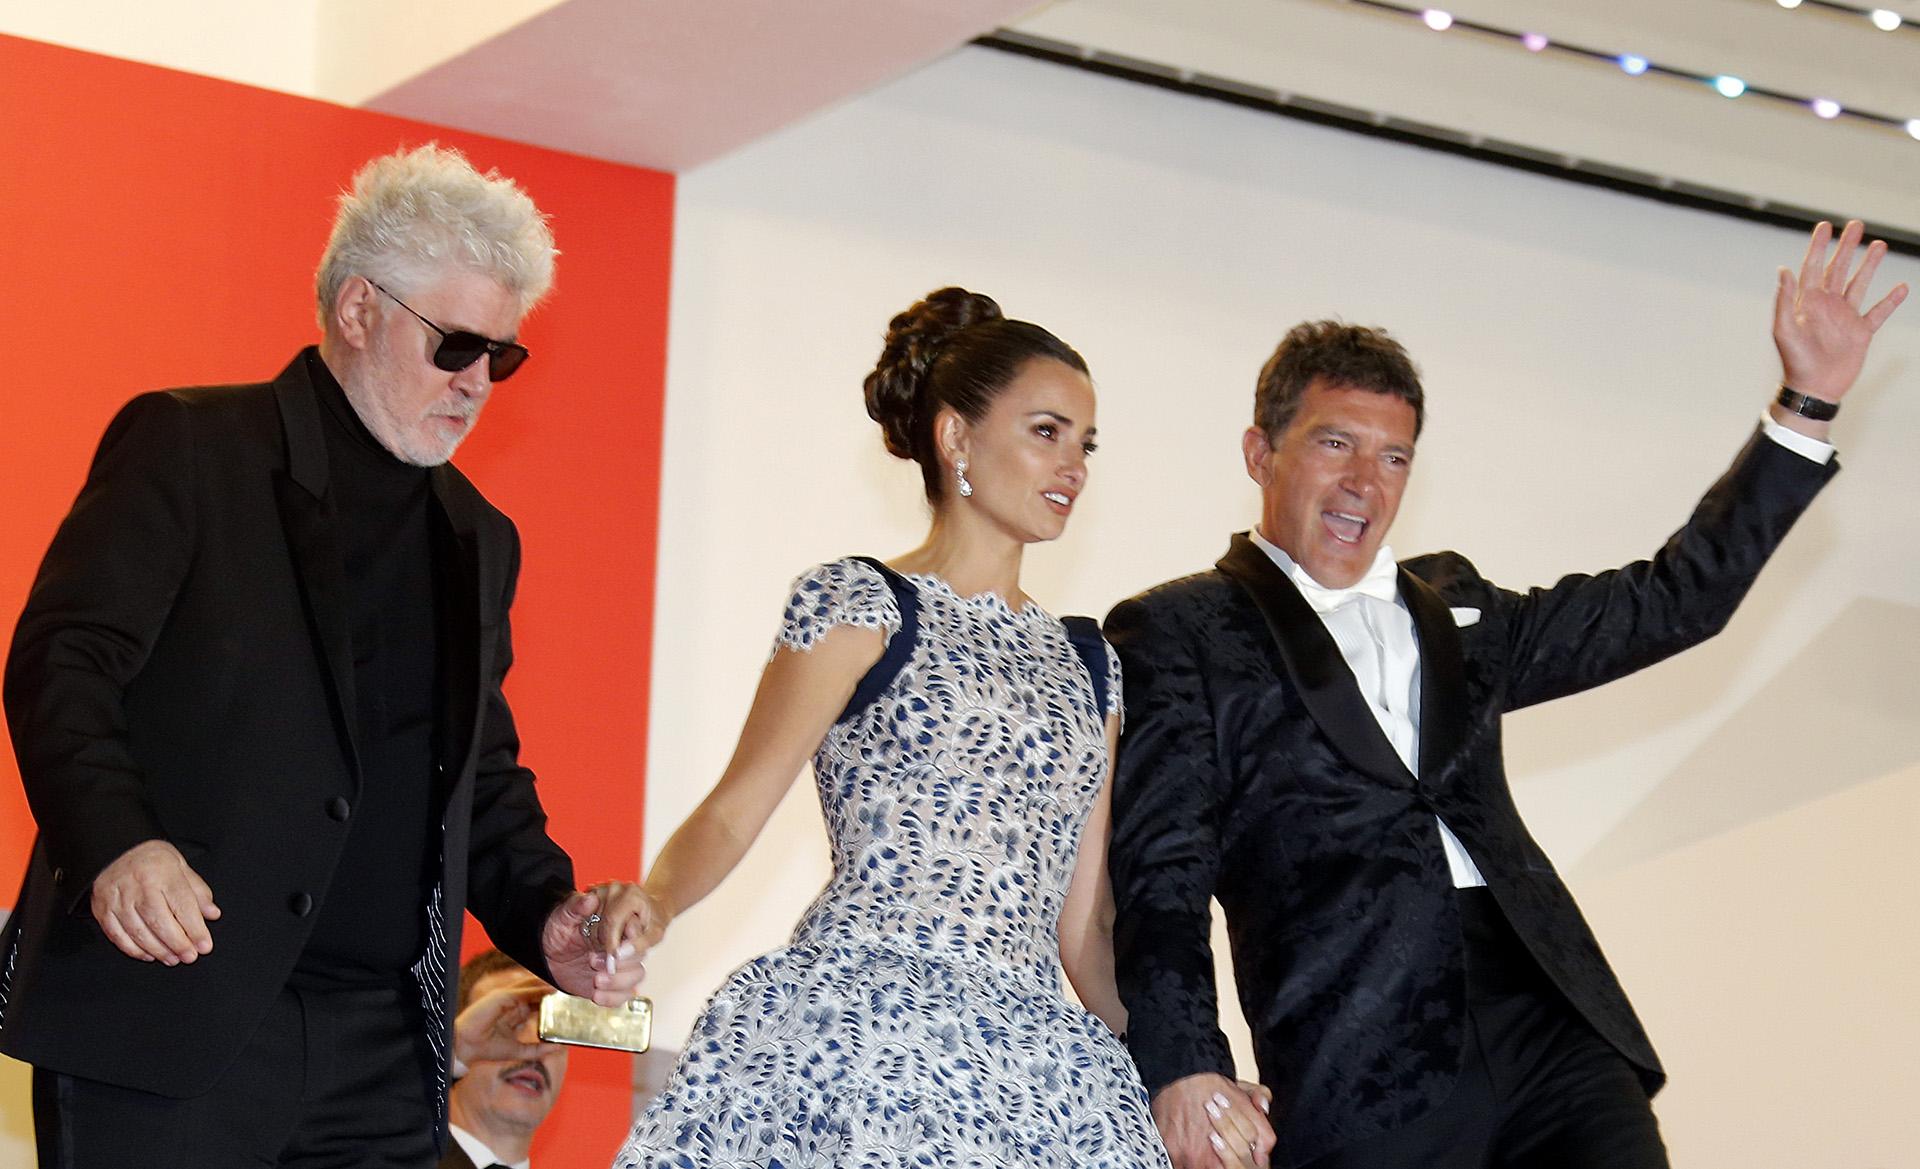 """Penélope Cruz y Antonio Banderas en la presentación de """"Dolor y Gloria"""", la última película de Pedro Almodóvar, que se proyectó en el Festival de Cine de Cannes"""